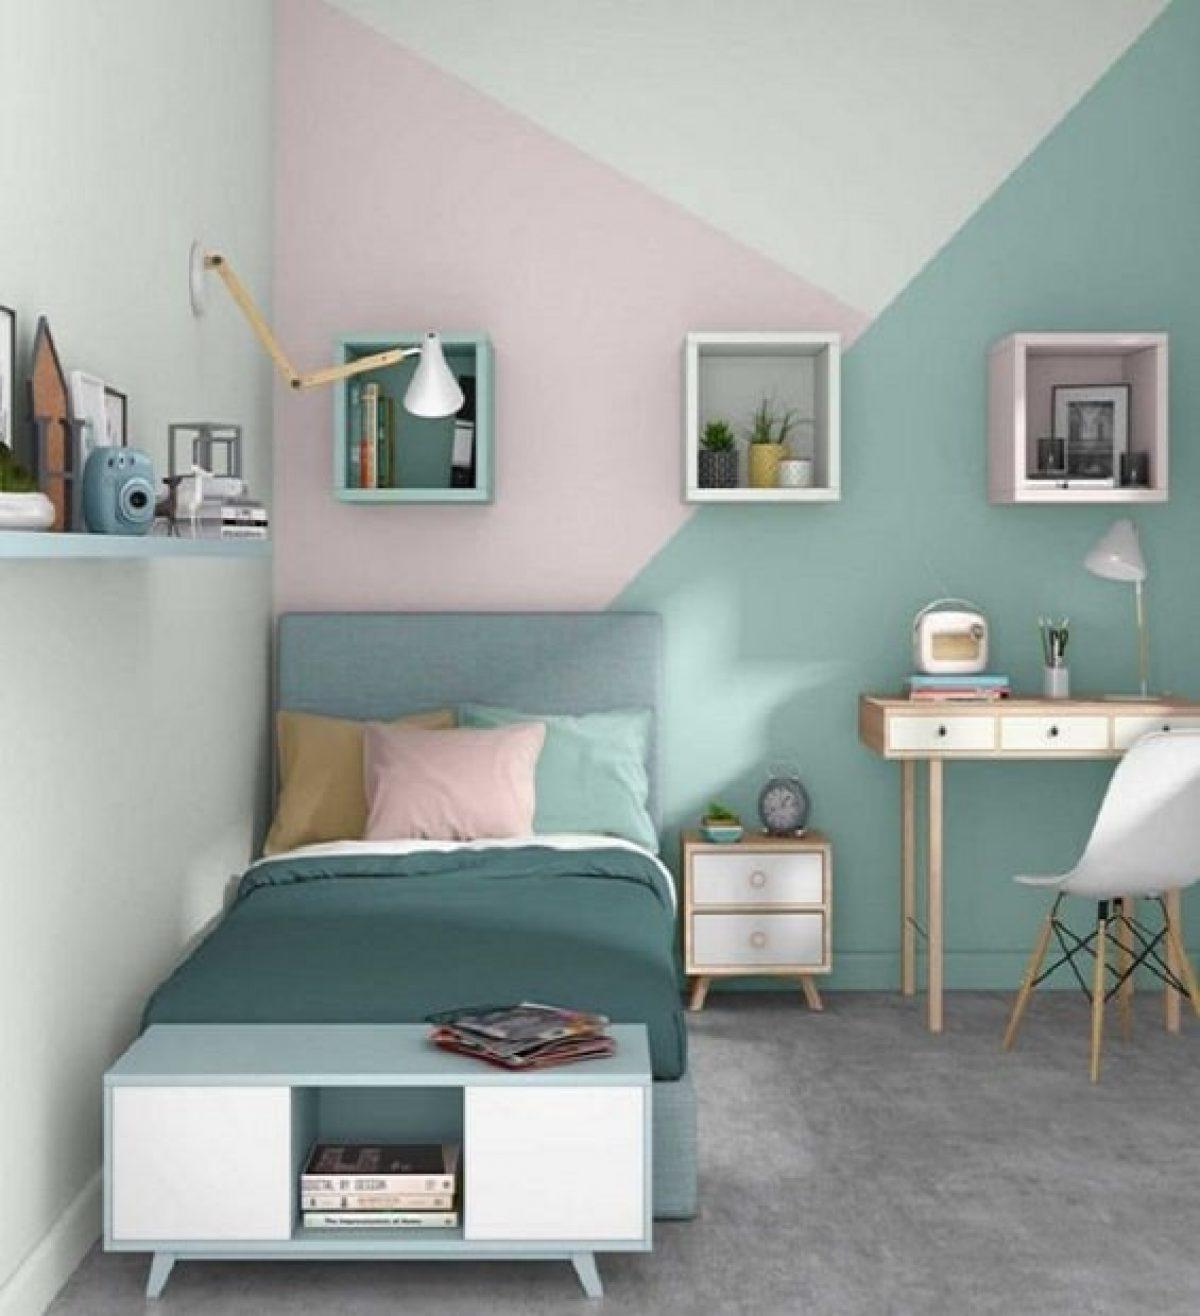 Desain Kamar Minimalis Remaja Sederhana Terbaru Dan Nyaman